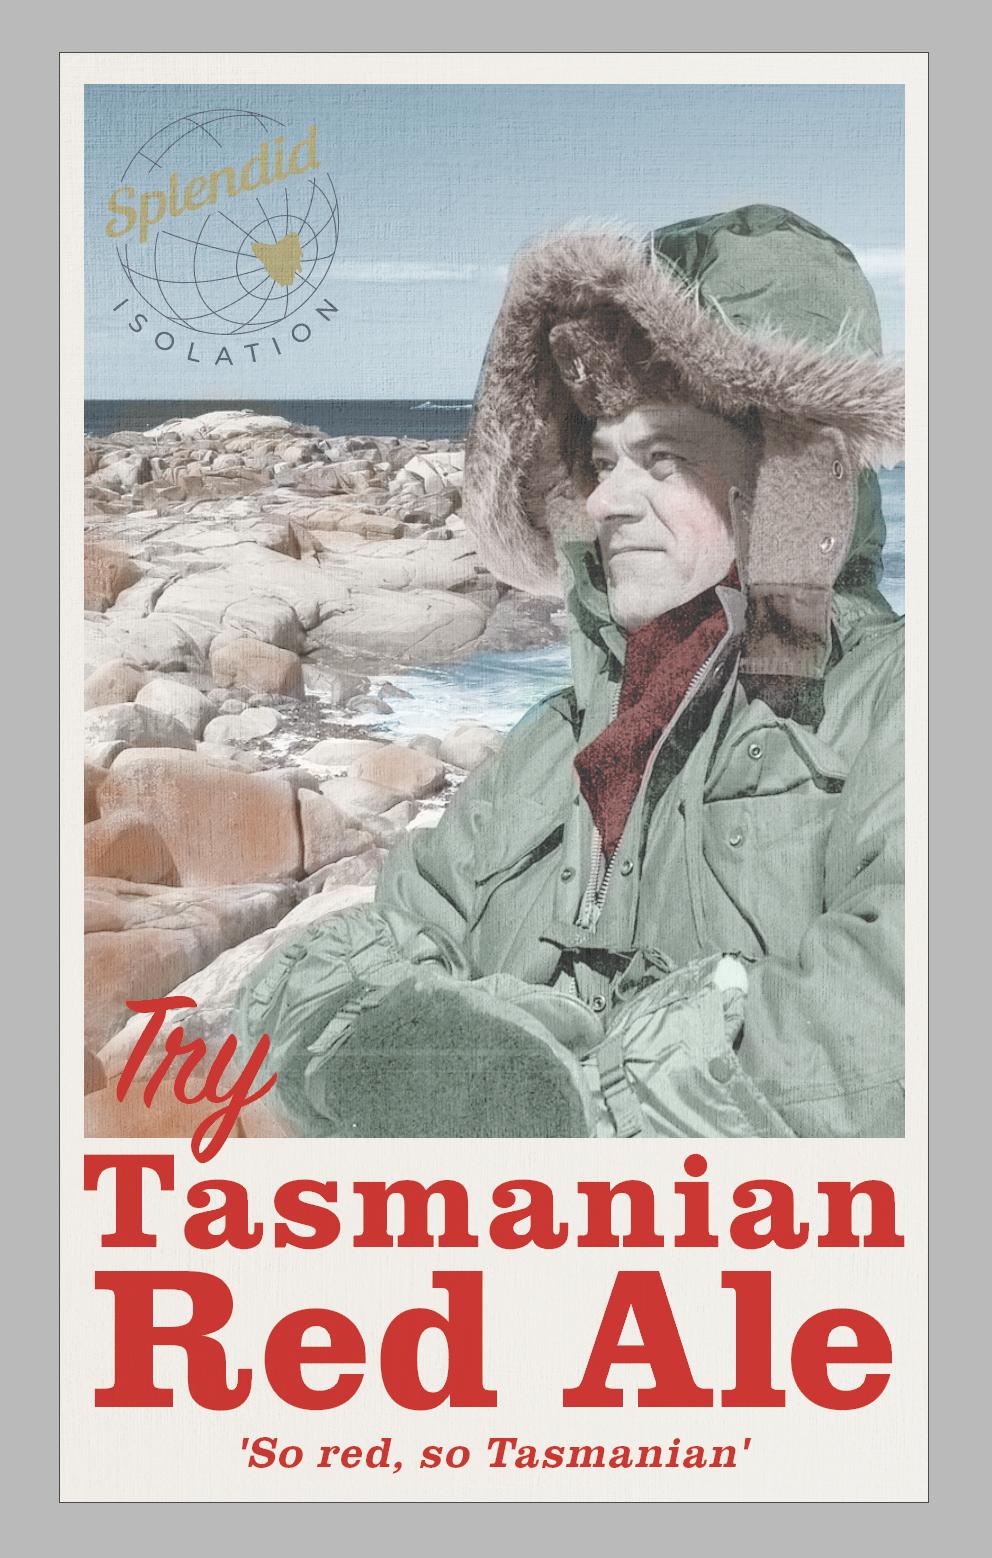 Tasmanian Red Ale — Splendid Isolation, craft beer from Hobart, Tasmanai